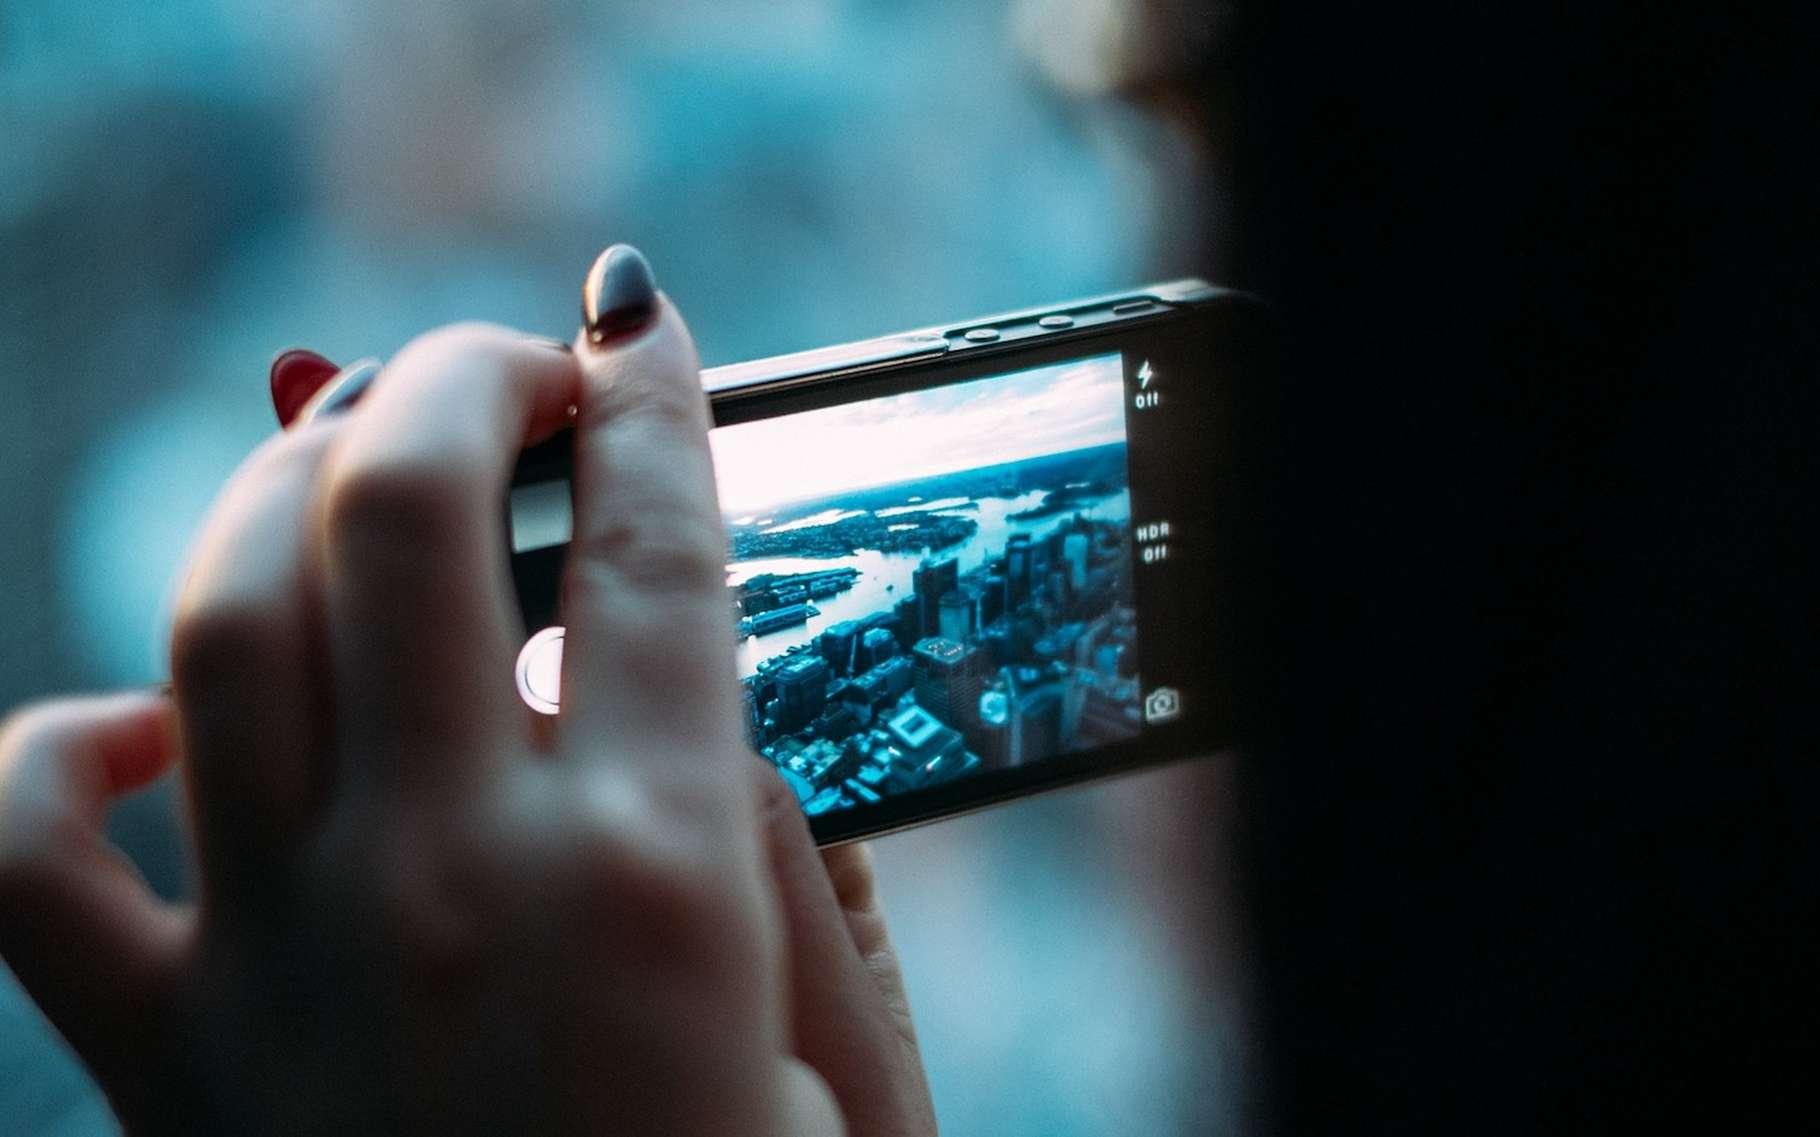 Ce sont des microsystèmes électromécaniques (Mems) qui permettent de détecter les mouvements des smartphones pour adapter l'orientation de leur écran. © Free-Photos, Pixabay, CC0 Public DOmain